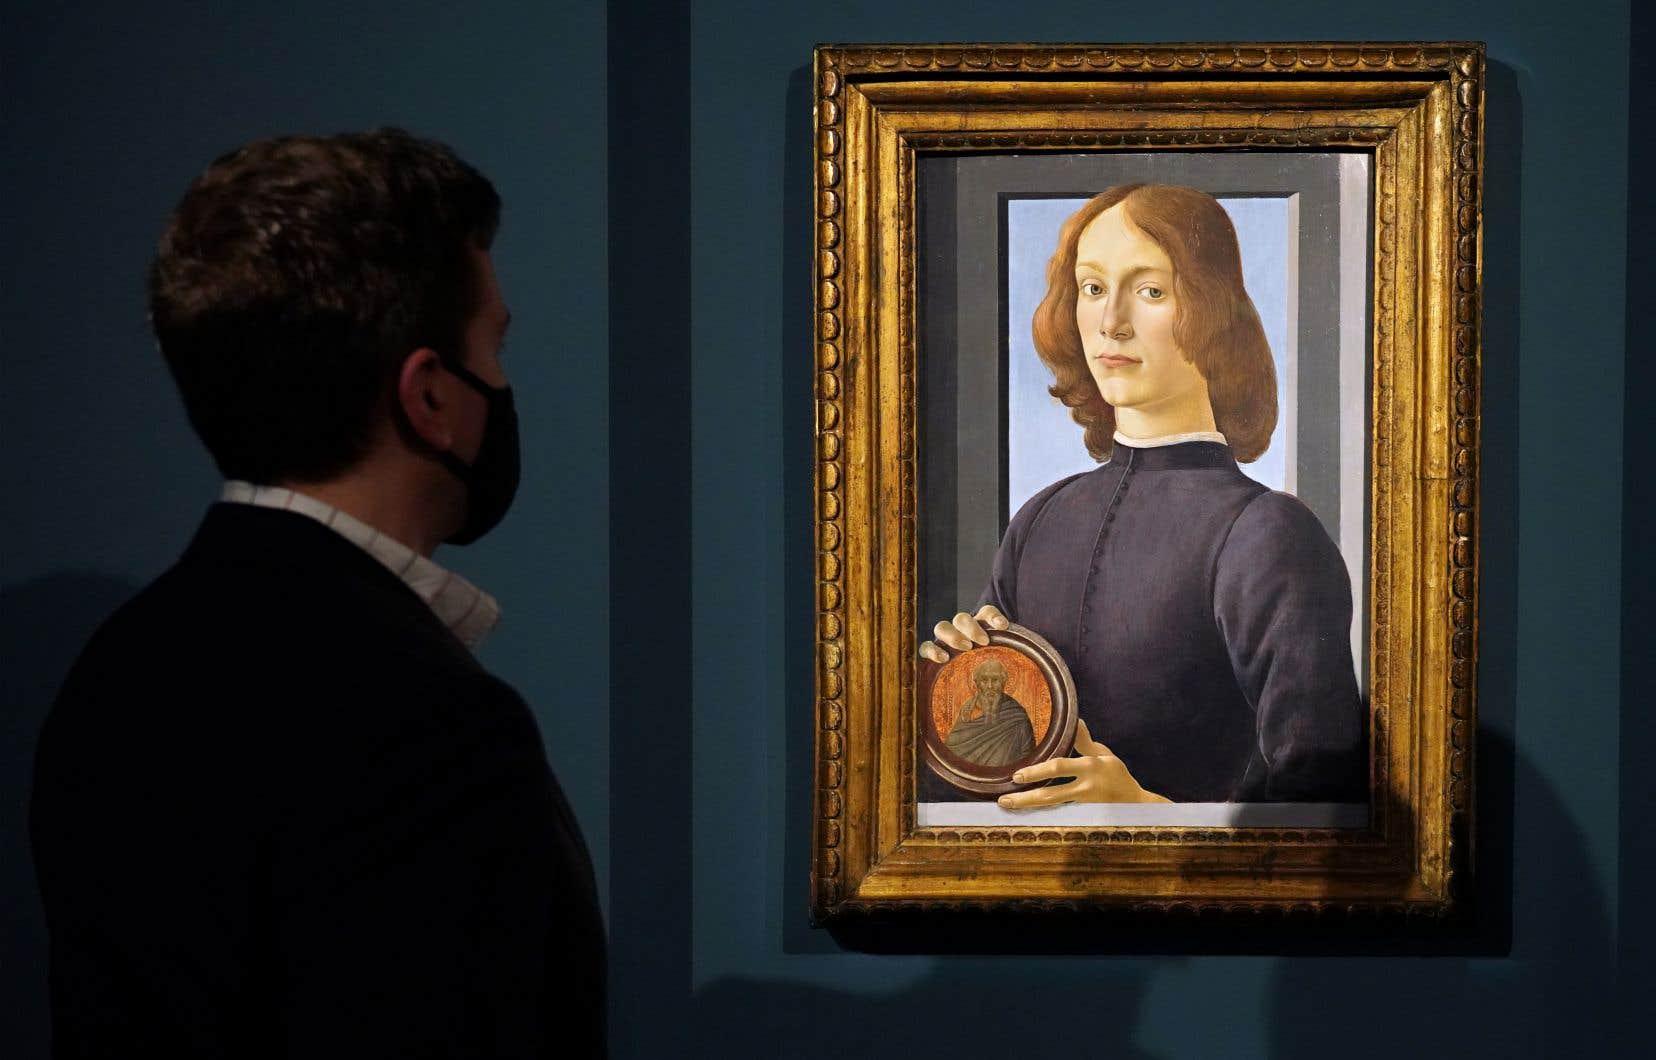 La maison Sotheby's de New York espère passer la barre des 100millions de dollars canadiens avec la vente de la toile de Sandro Botticelli «Jeune homme tenant un médaillon», réalisée entre 1470 et 1480.